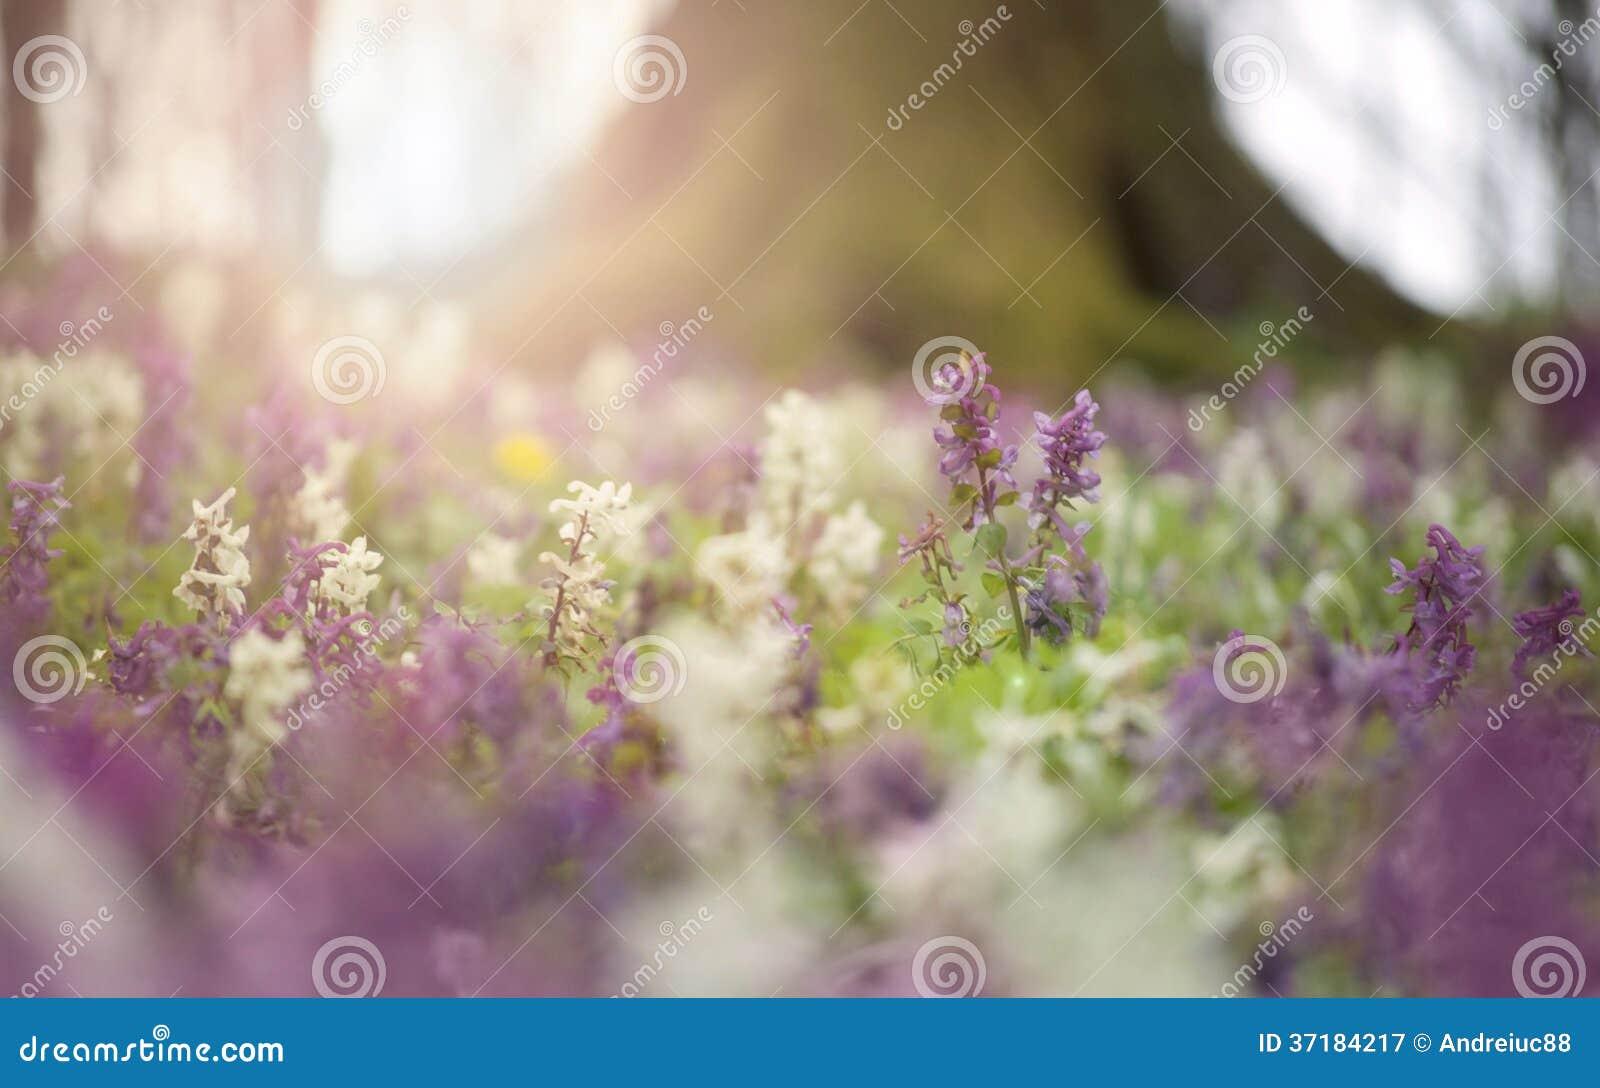 Fleurs en fleur dans une forêt au printemps